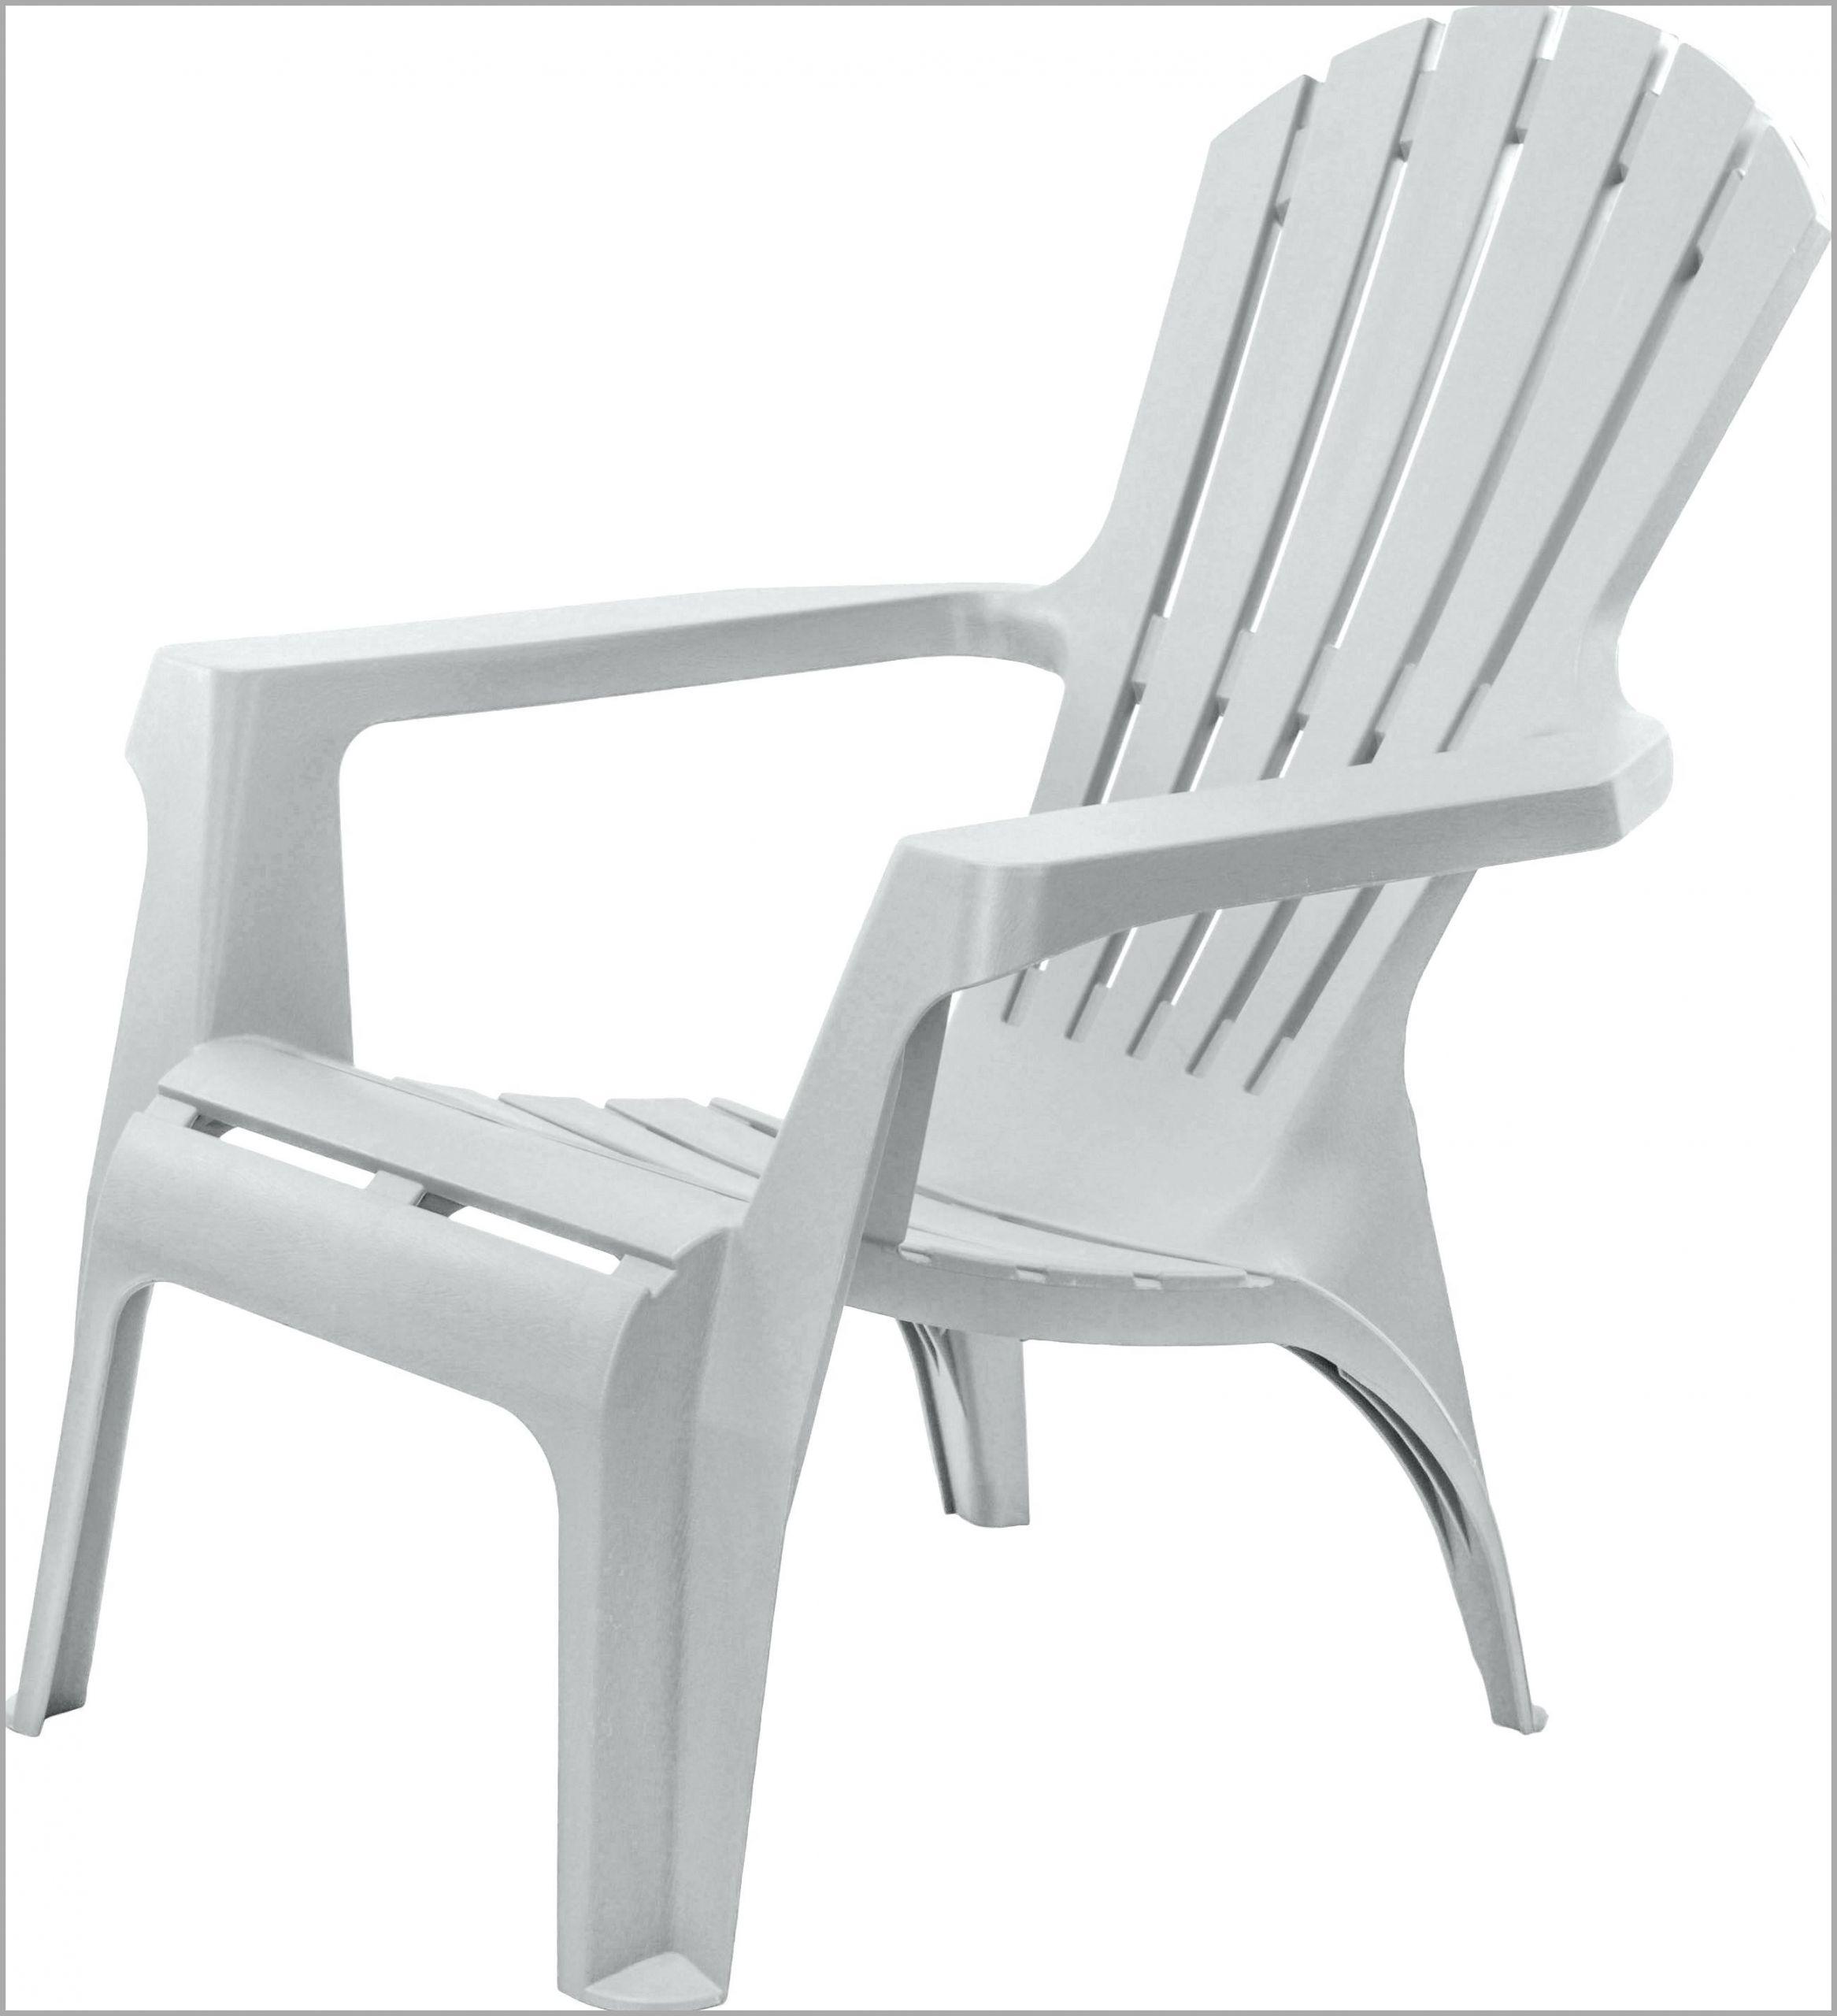 simplement fauteuil oeuf suspendu pas cher ides beau ikea fauteuil oeuf suspendu pas cher jardin de dolomiti rose chaise plastique ikea